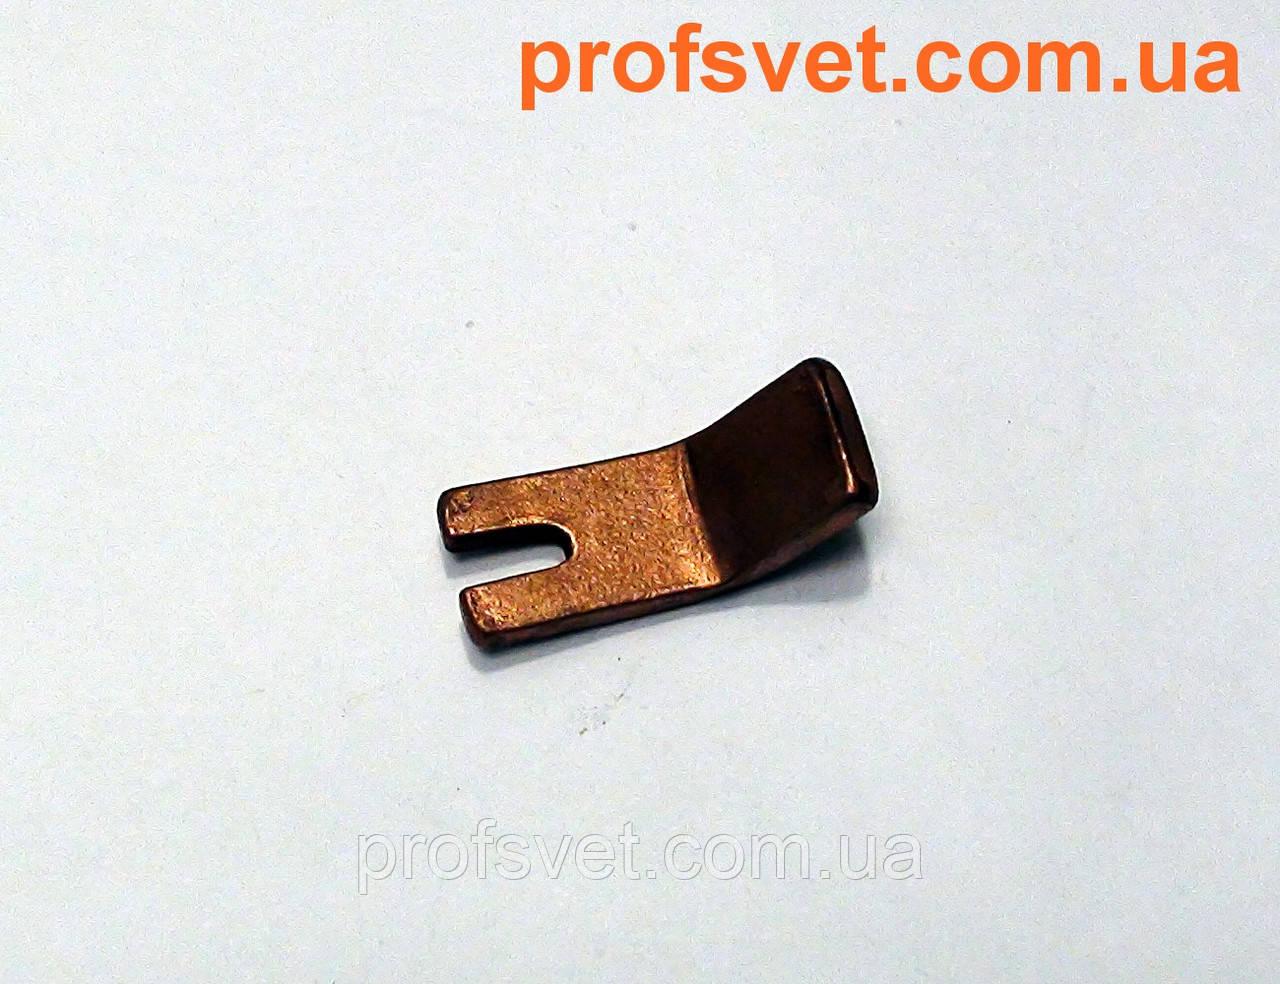 Контакт неподвижный к КТПВ-623 КПВ-603 160А